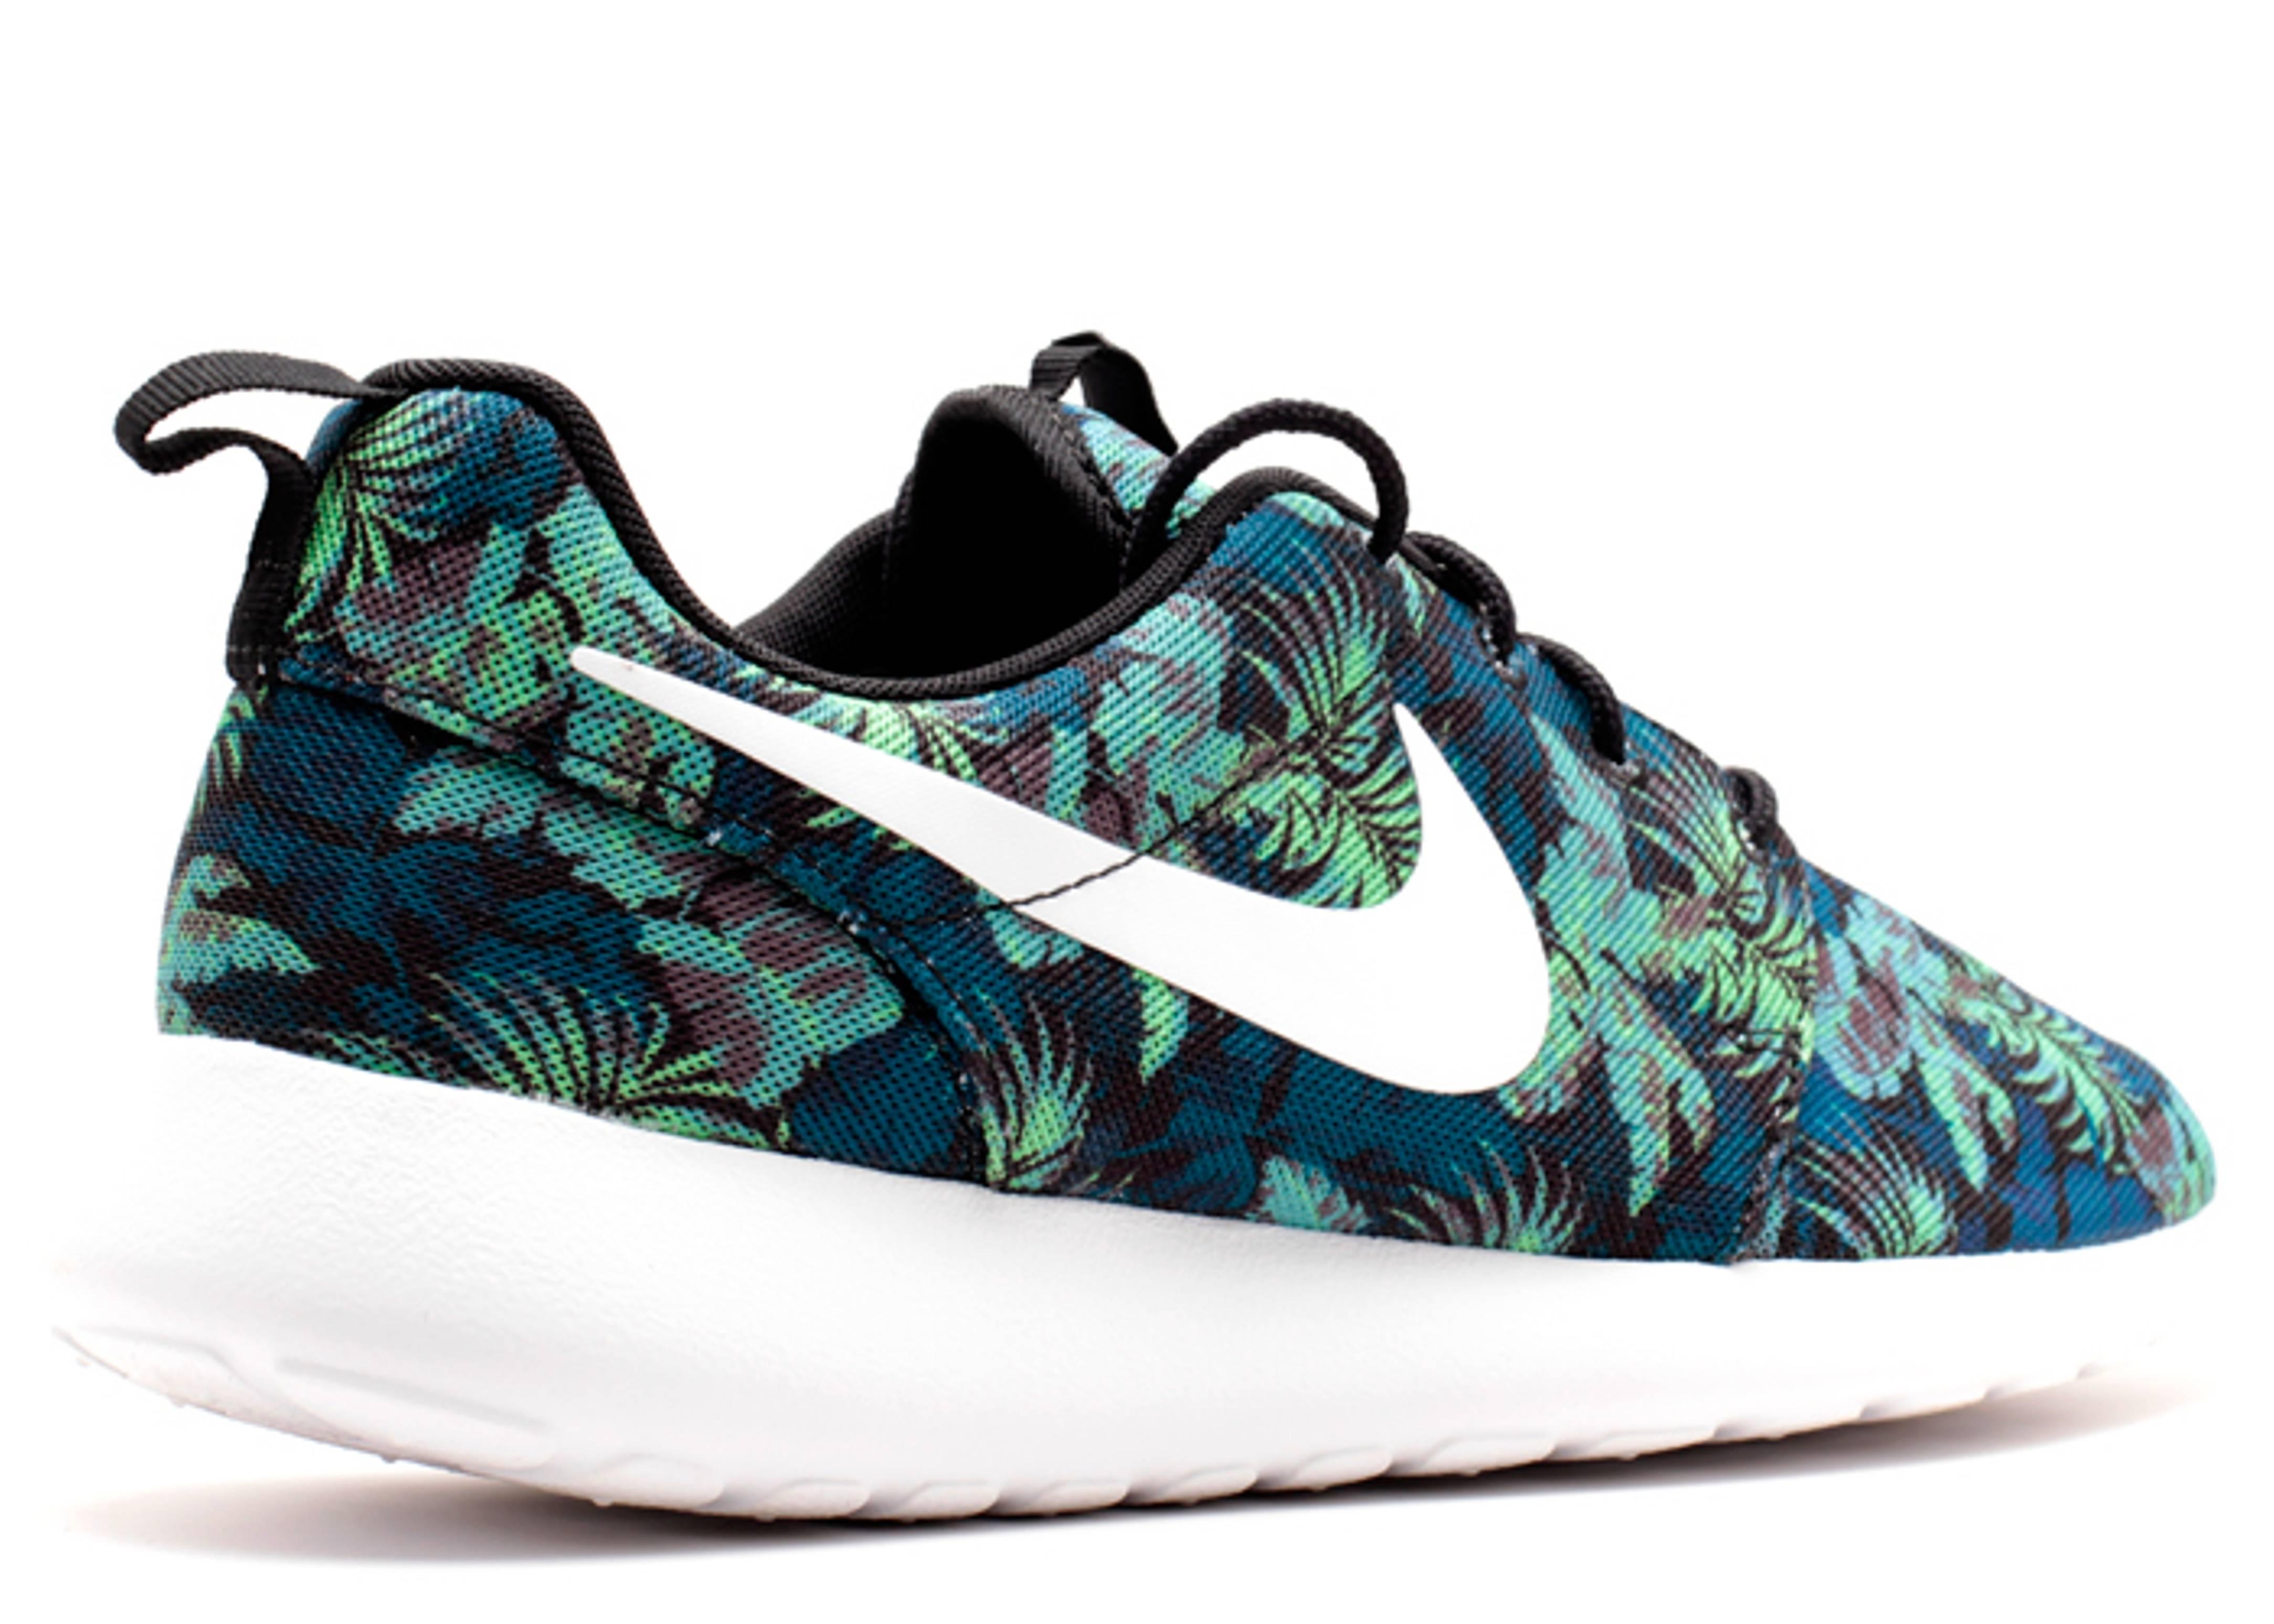 Nike Roshe Run Print Space Blue White Black Poison Green